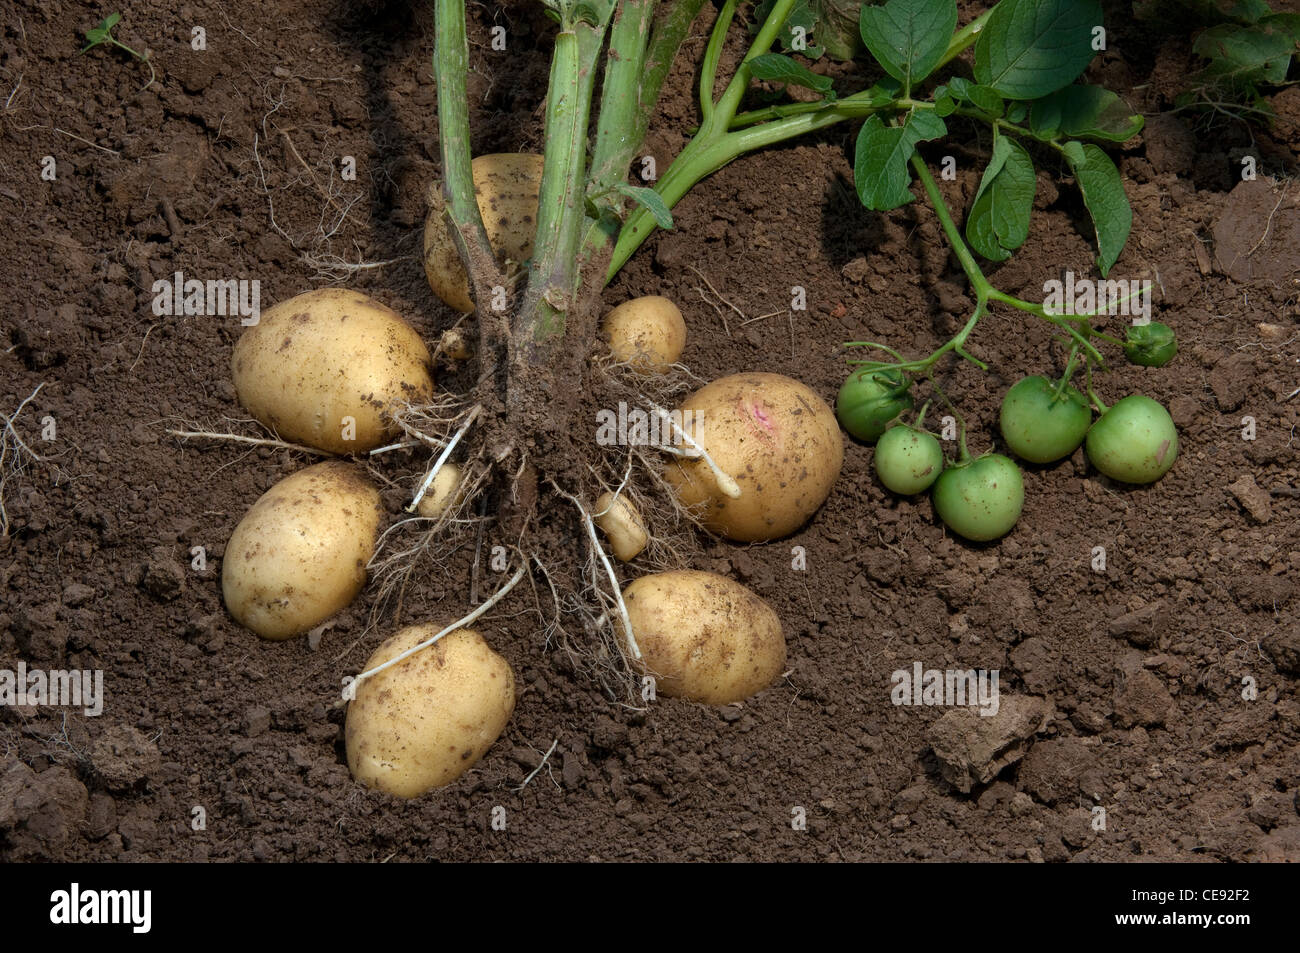 Potato (Solanum tuberosum Quarta). Plant with tubers and ...